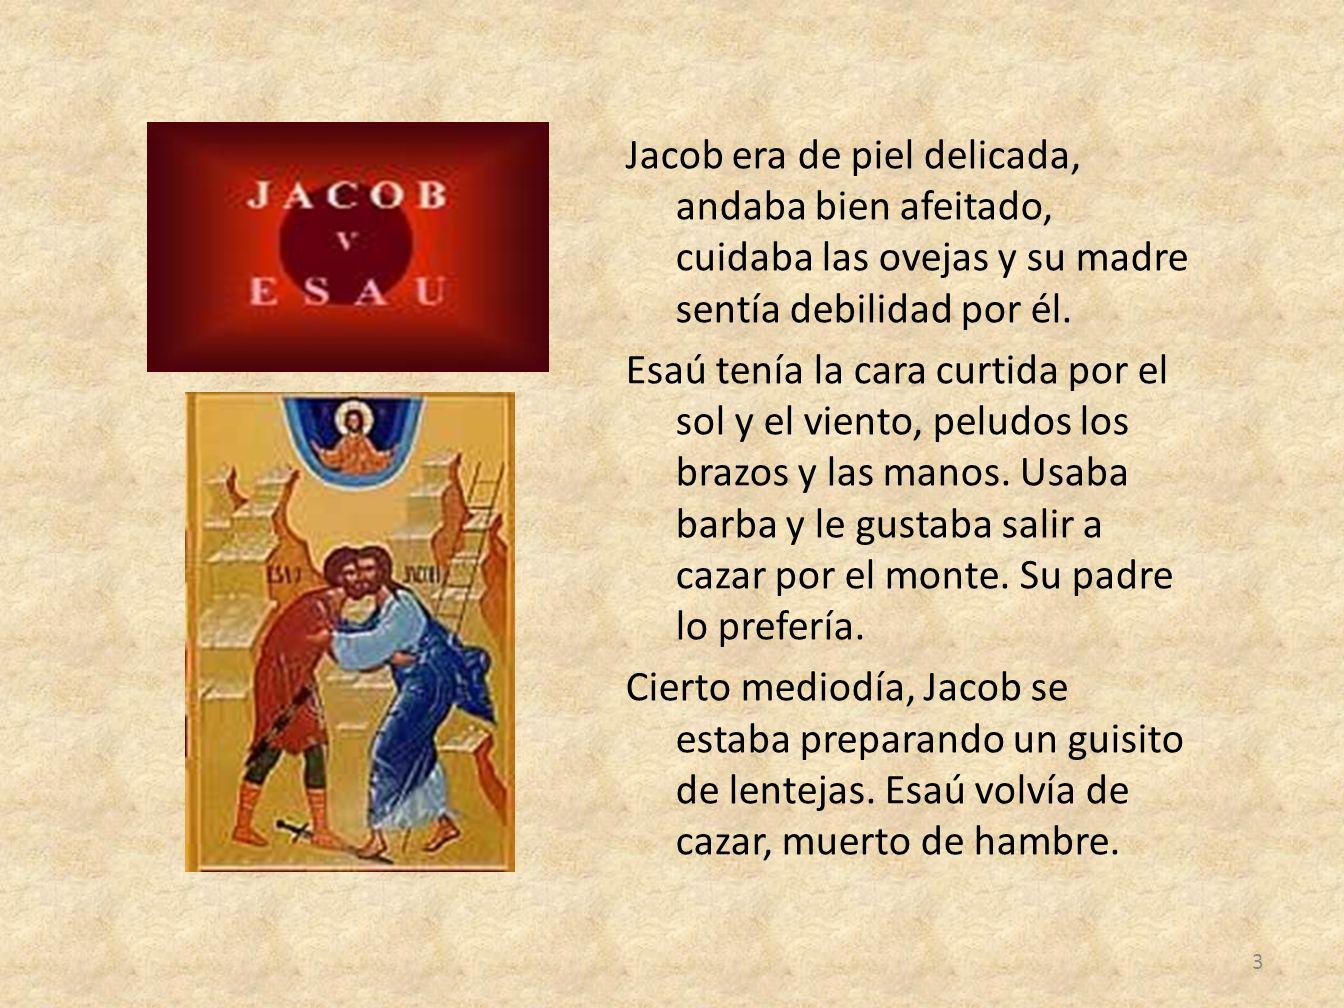 Jacob era de piel delicada, andaba bien afeitado, cuidaba las ovejas y su madre sentía debilidad por él.